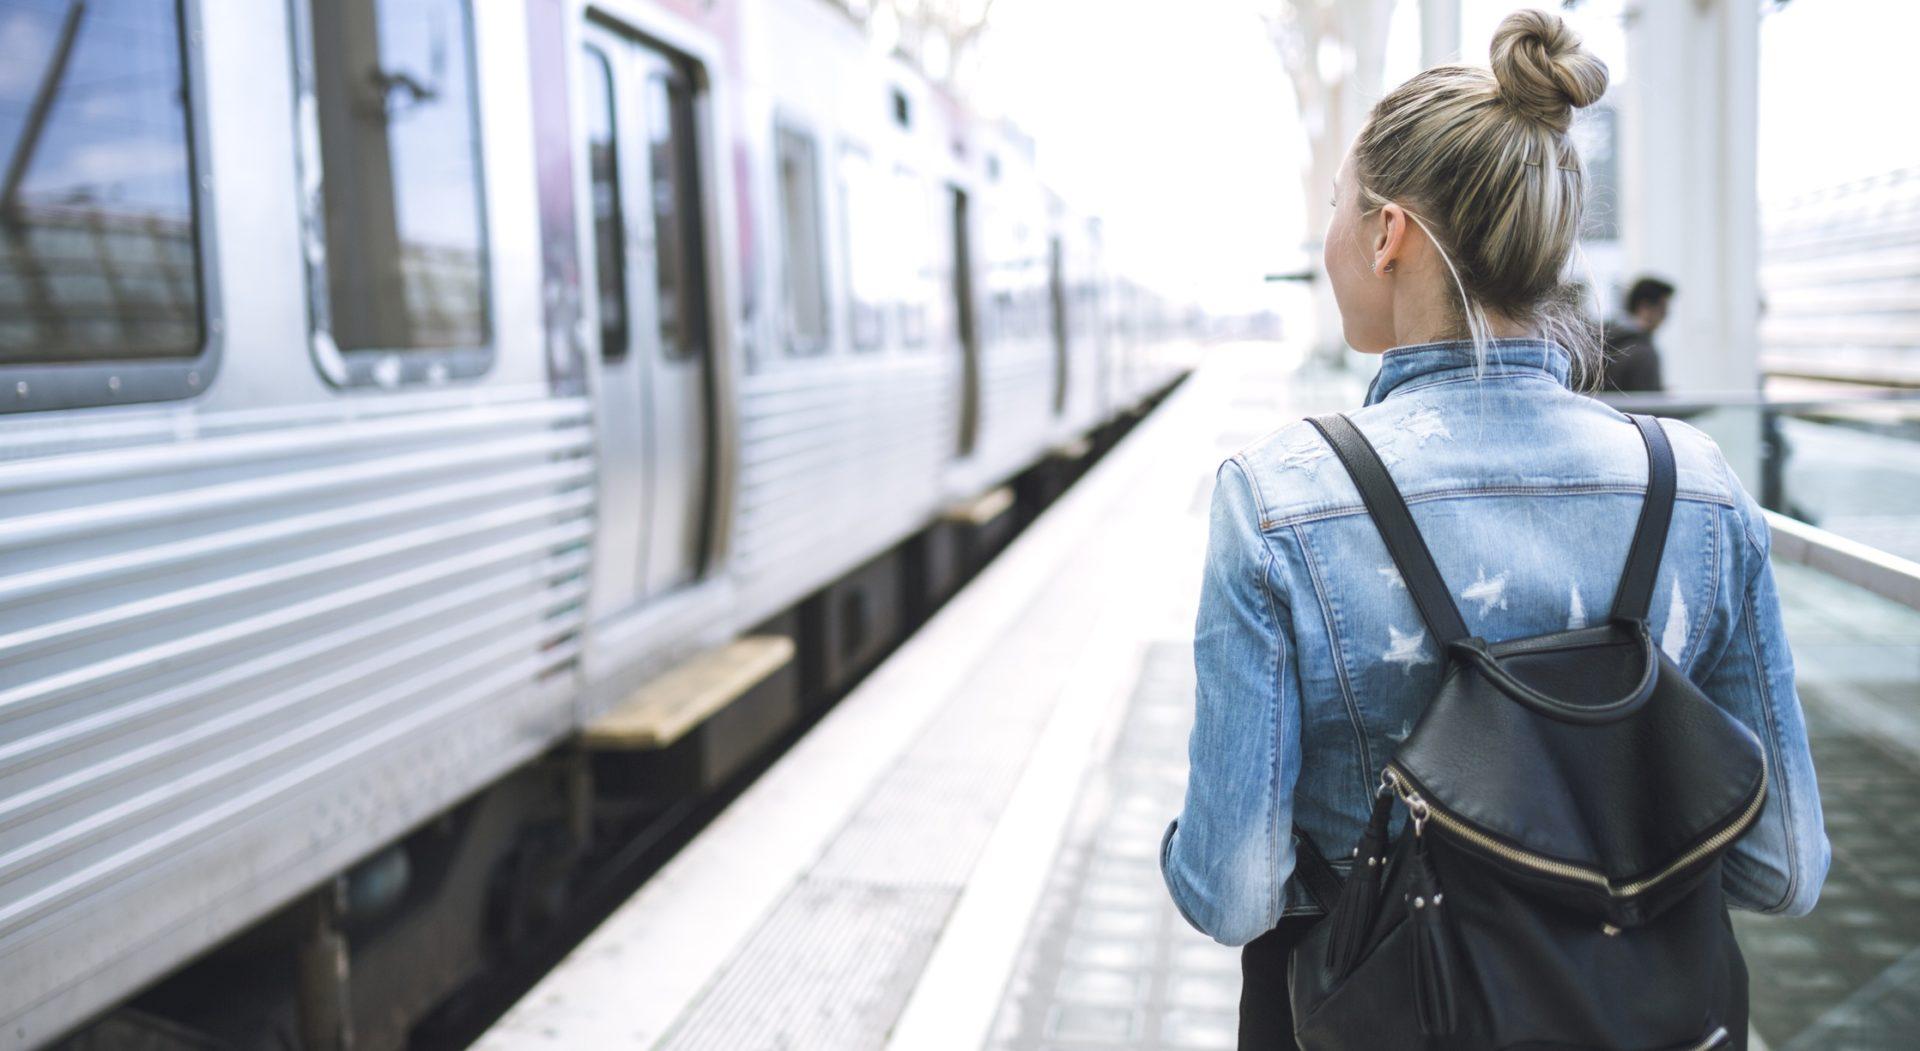 mujer-tren-trasporte-estacion-viaje-viajar-bbva